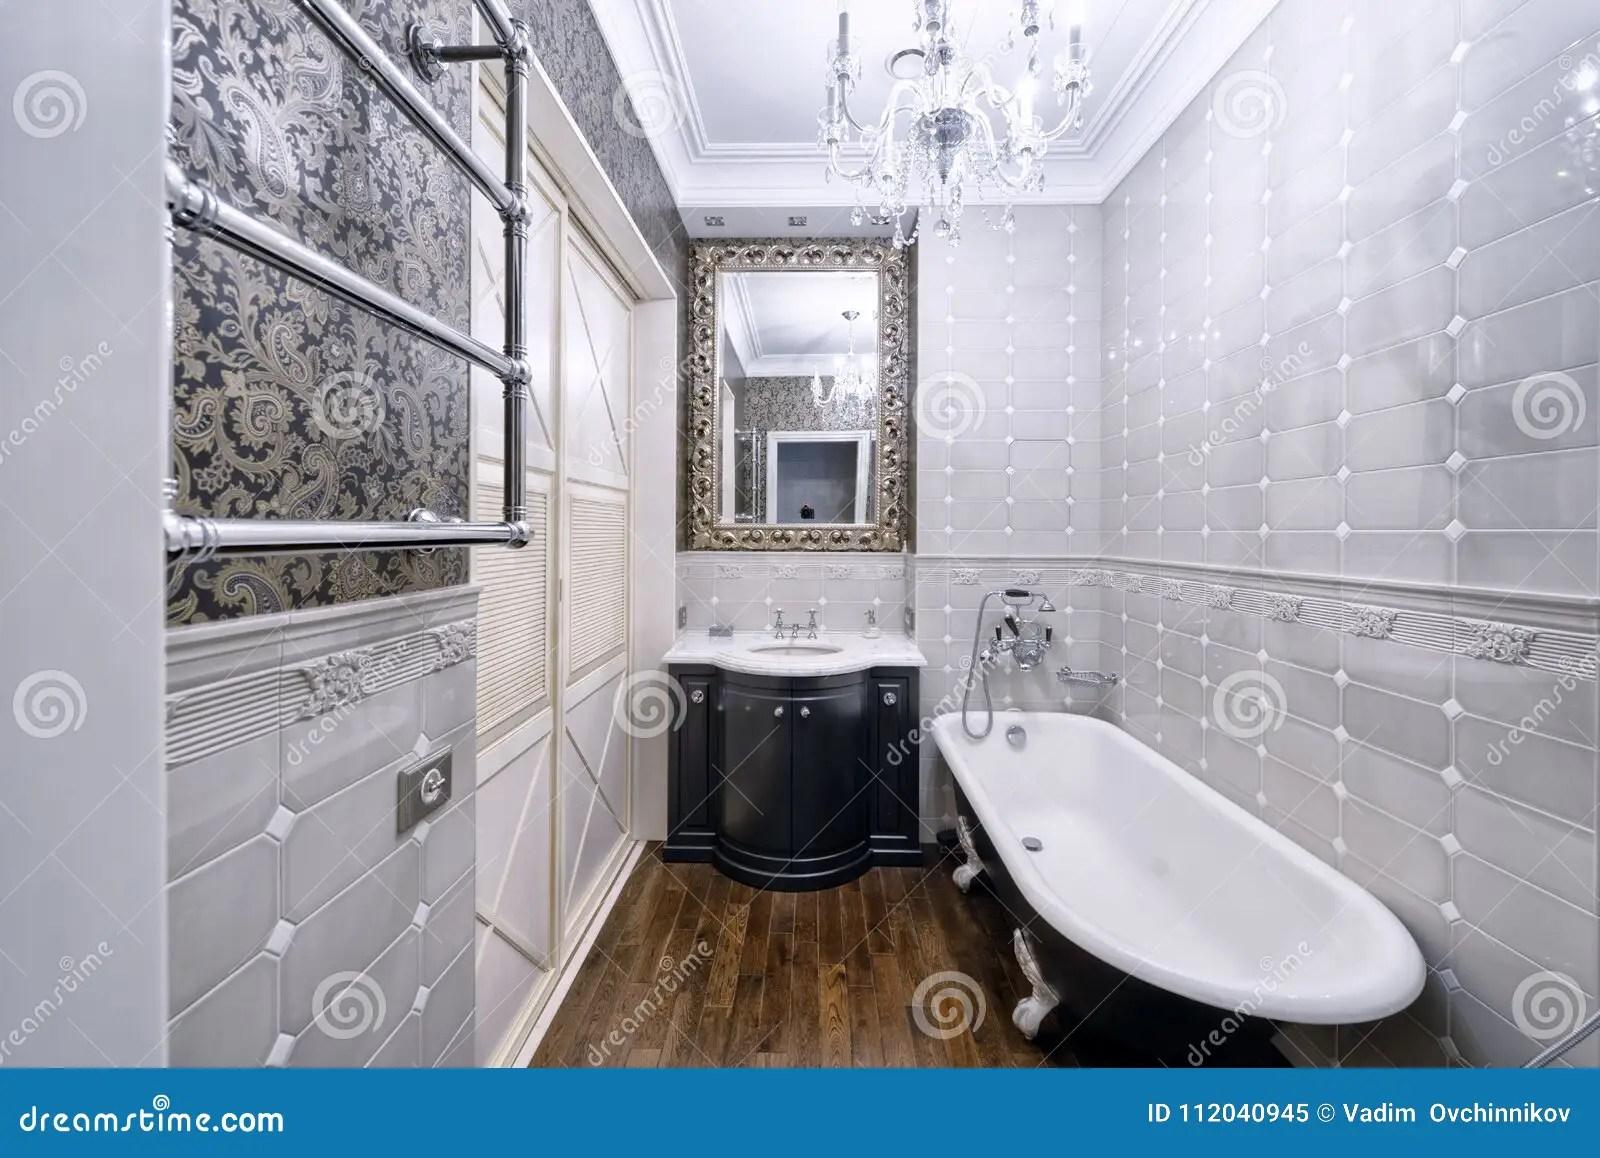 Diseño De Interiores Cuartos De Baño | Baños De Diseño Trucos E Ideas